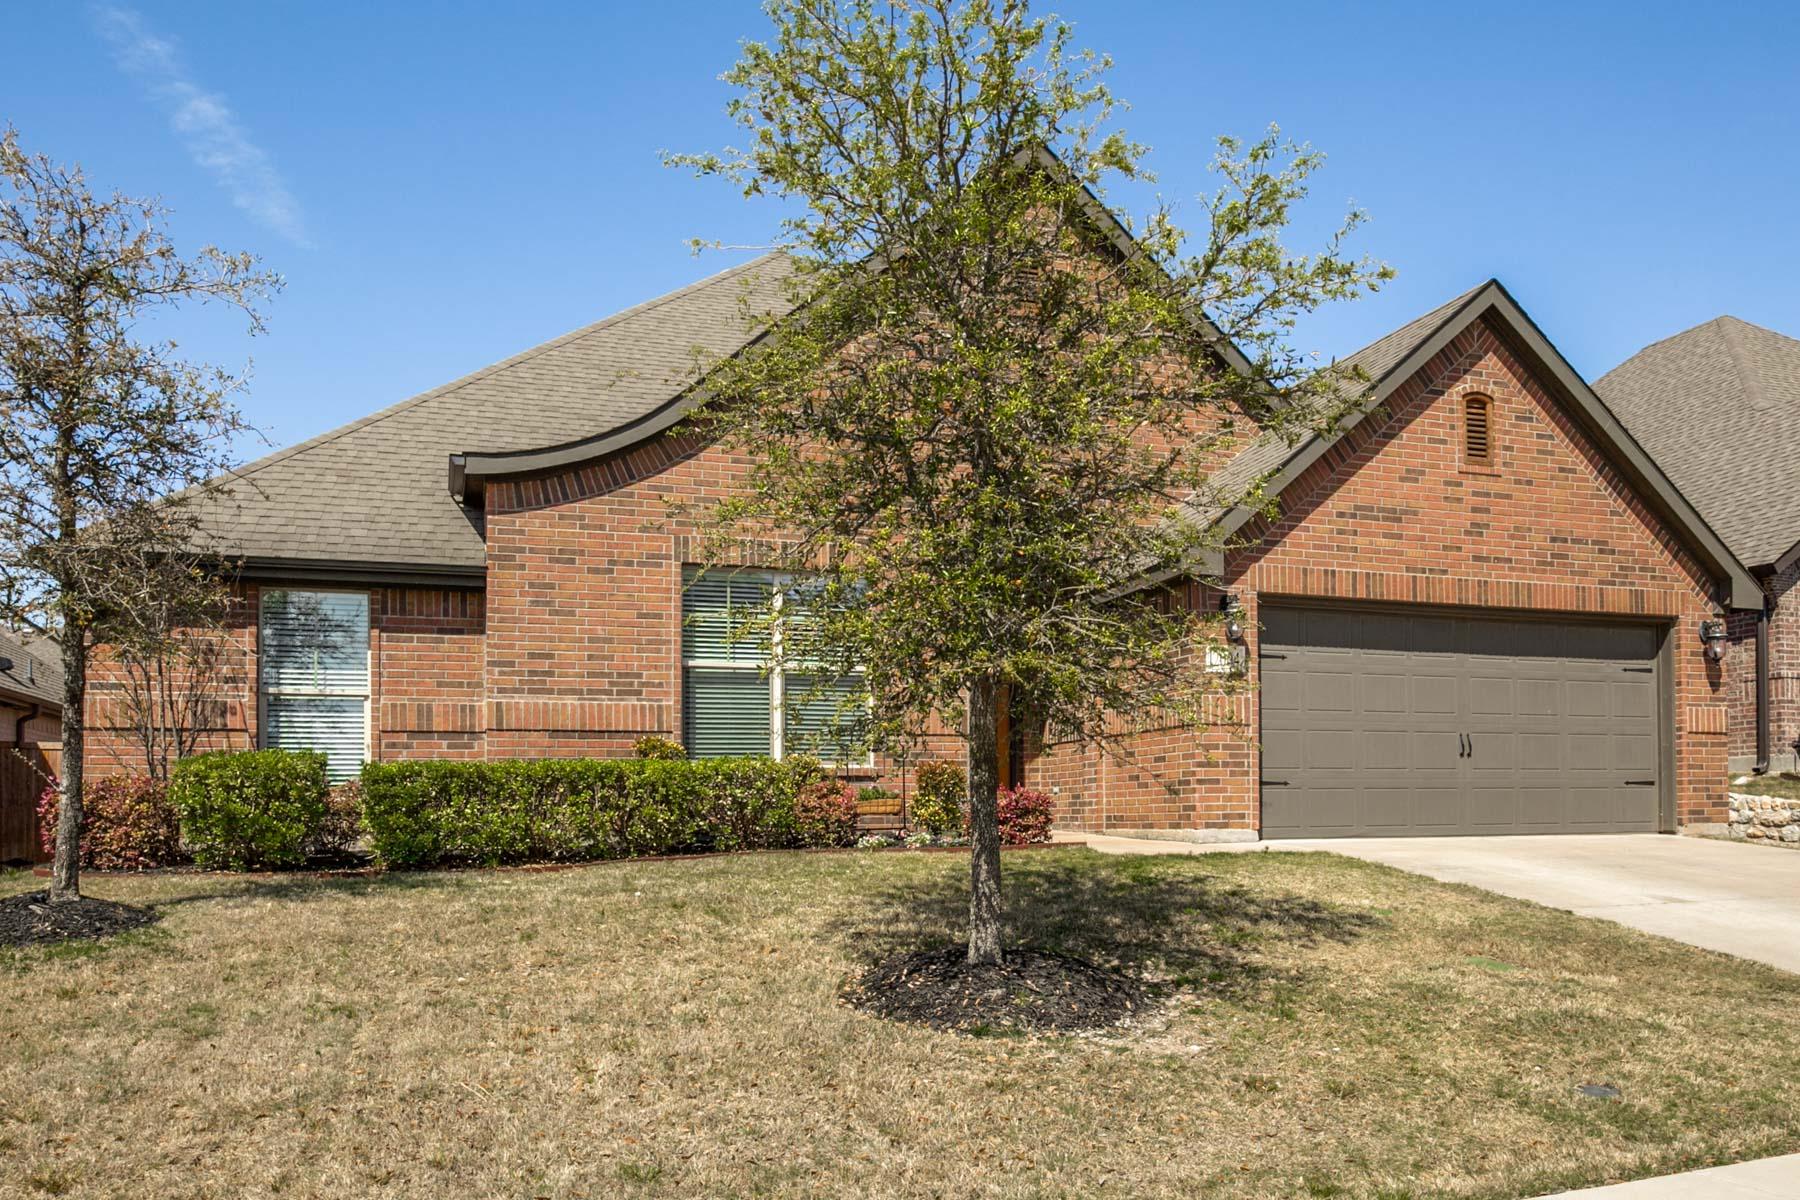 独户住宅 为 销售 在 Live Oak Creek 12004 Hathaway 沃斯堡市, 得克萨斯州, 76108 美国